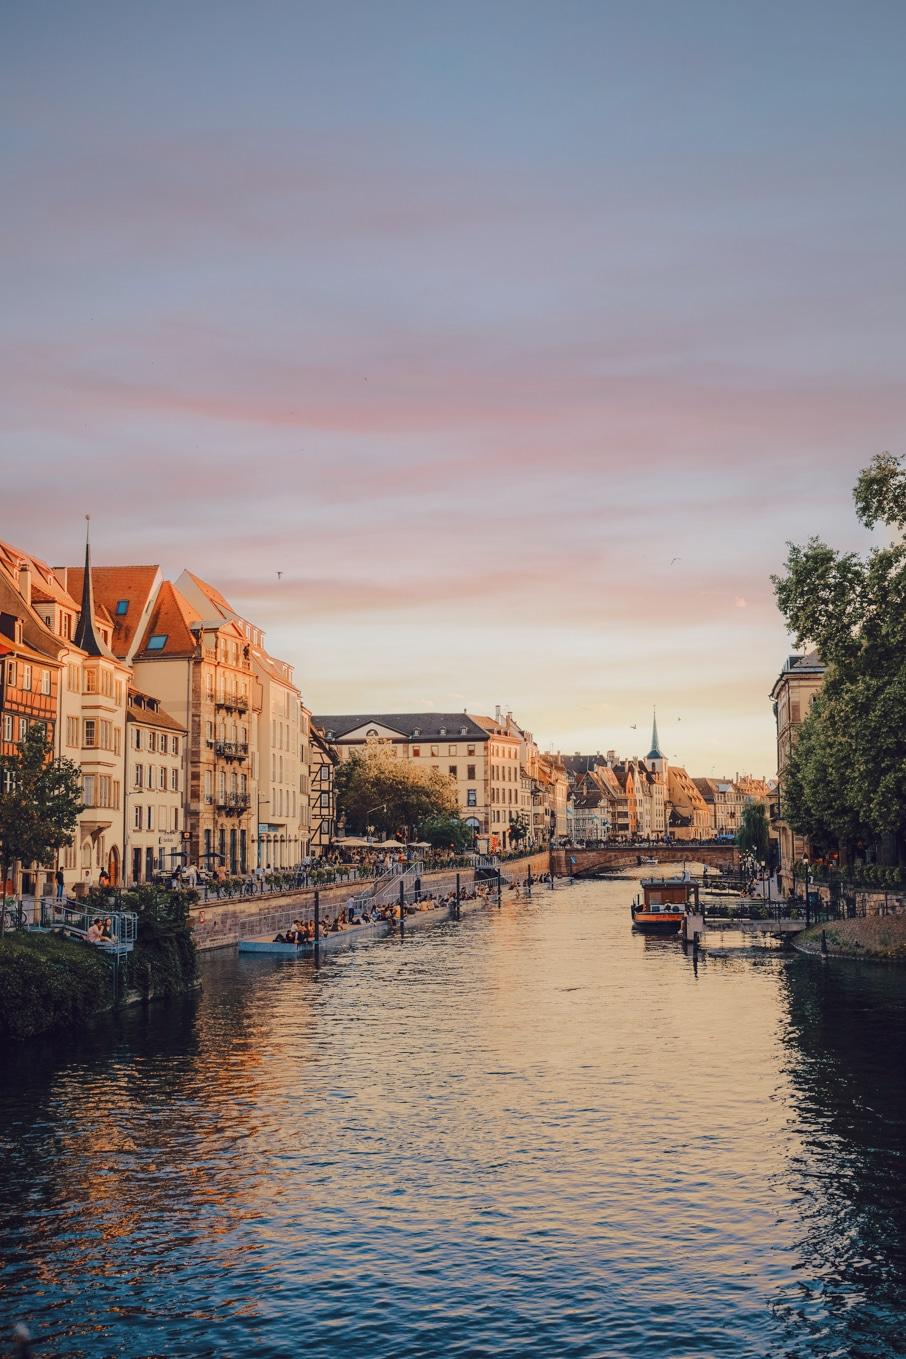 Roadtrip durch Süddeutschland: Fünfter Stop Straßburg